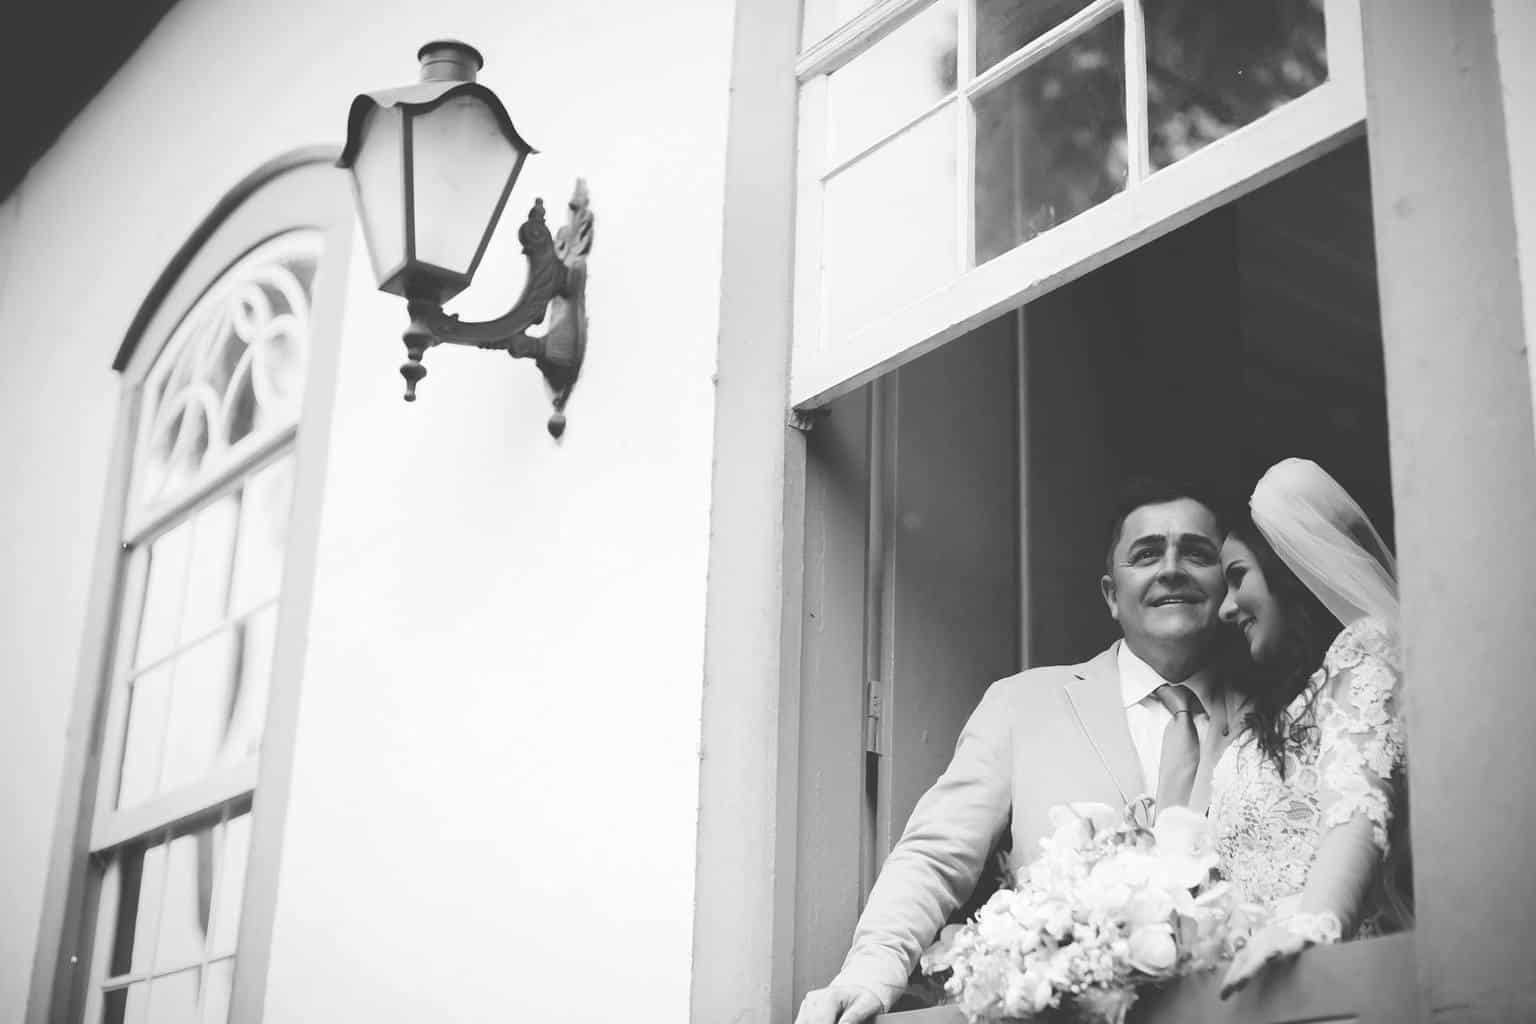 casamento-ariane-e-antonio-carlos-caseme-foto-silvia-penati-36